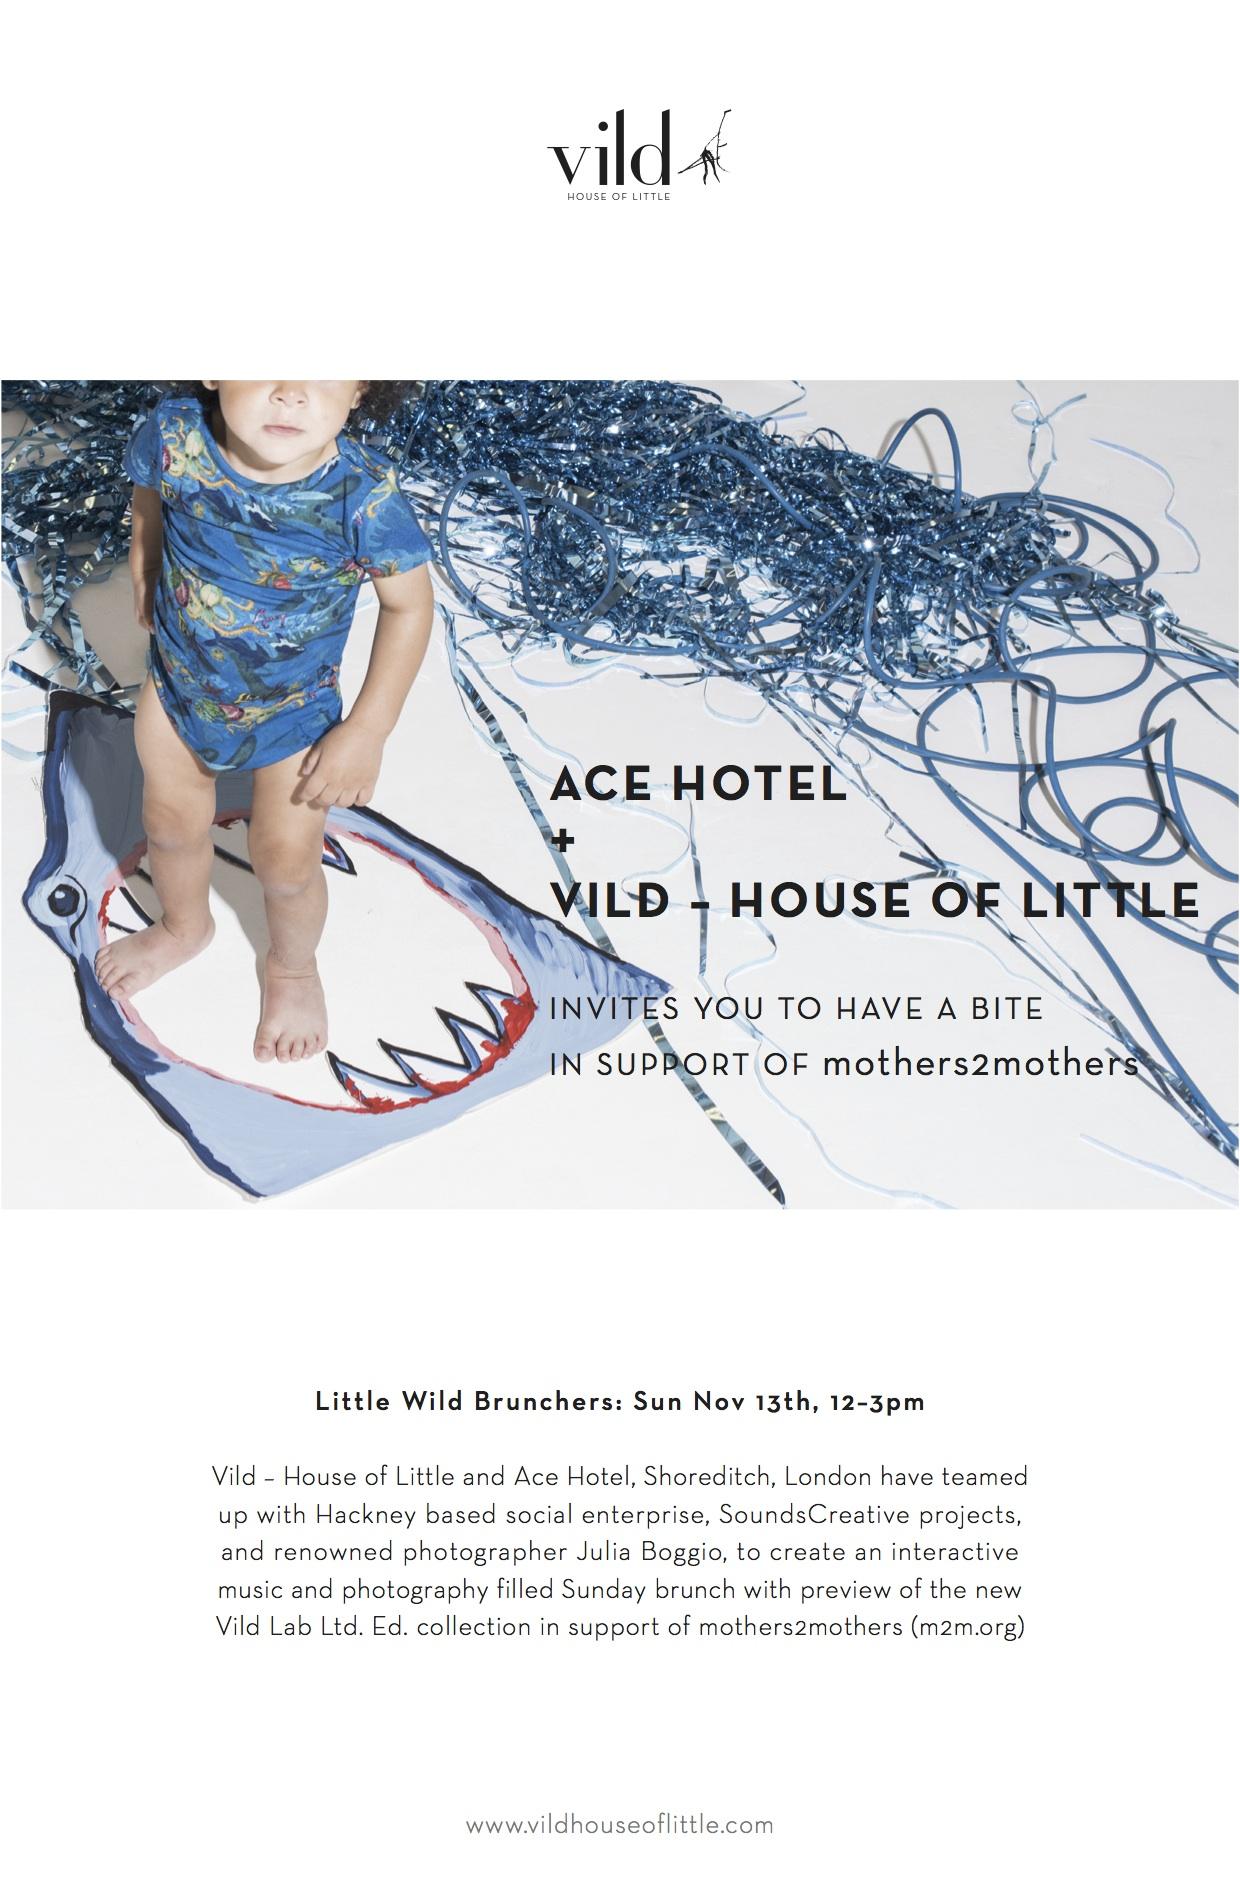 Vild–House-of-Little-Ace-Hotel.jpg